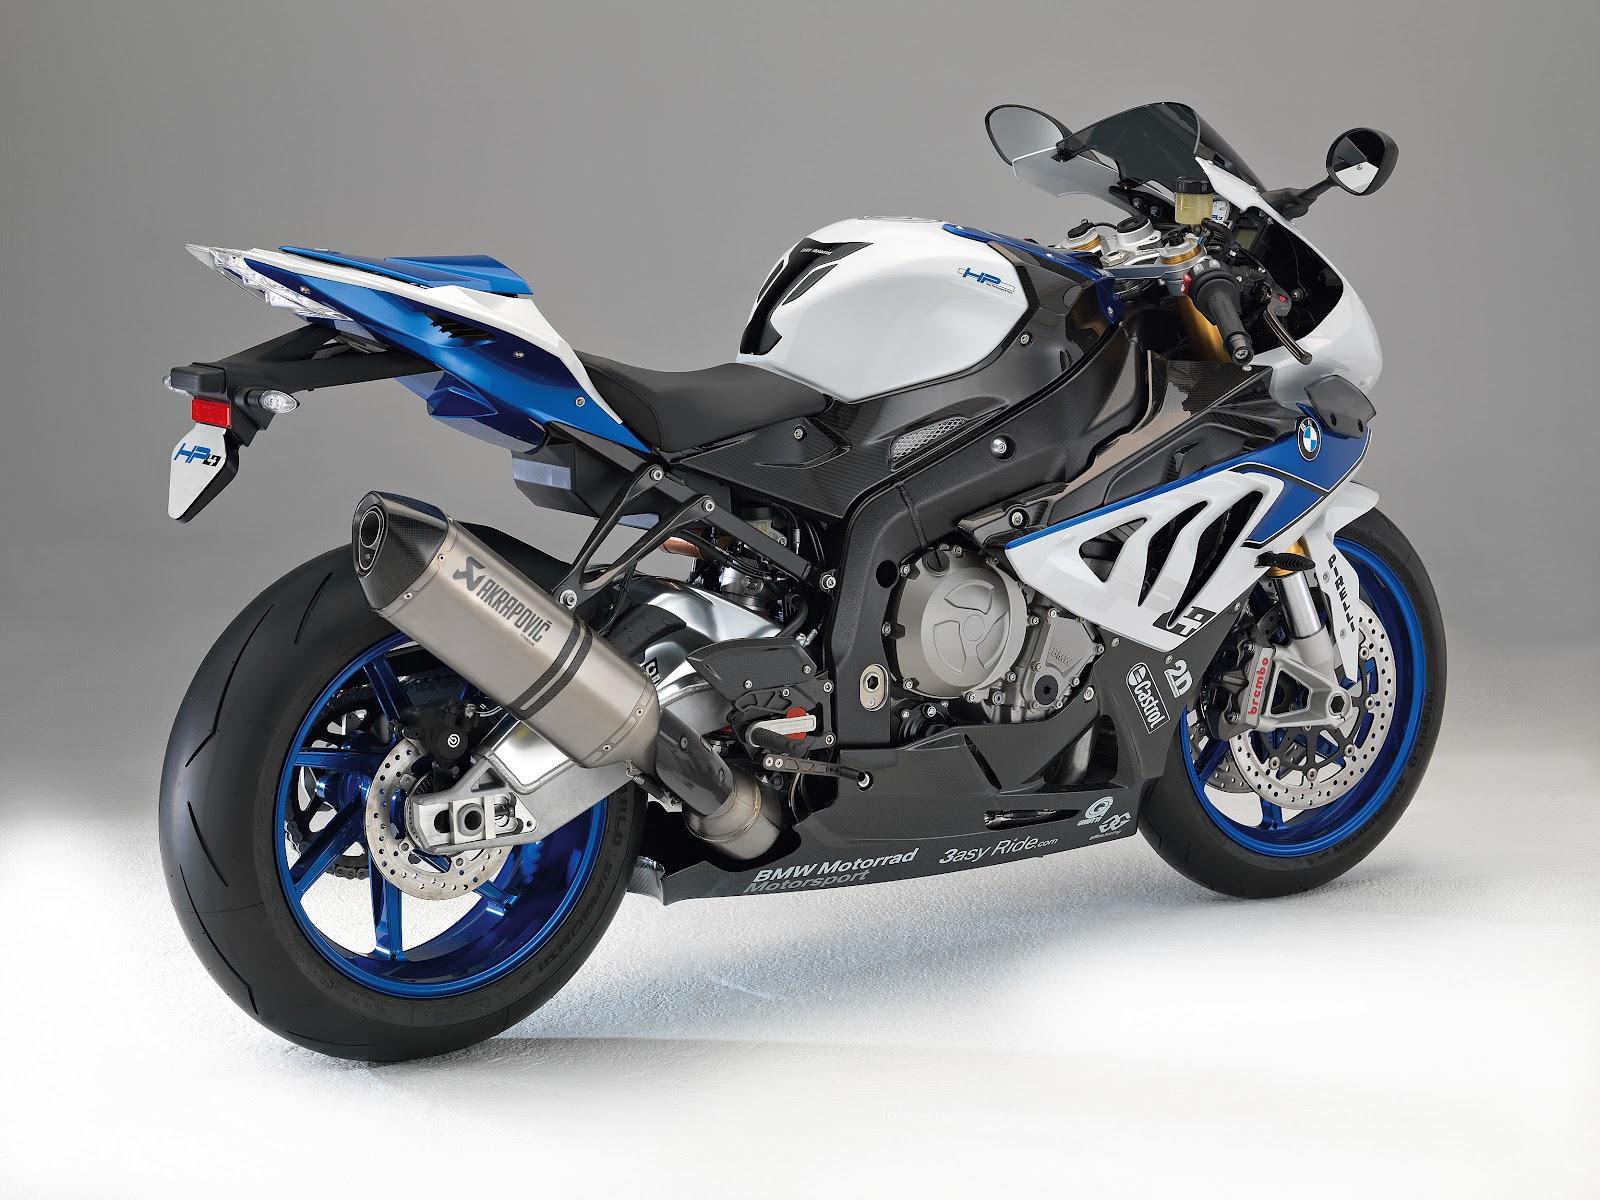 BMW Motorrad präsentiert mit der BMW HP4 den bis dato leichtesten Vierzylinder Supersportler der 1000er Klasse